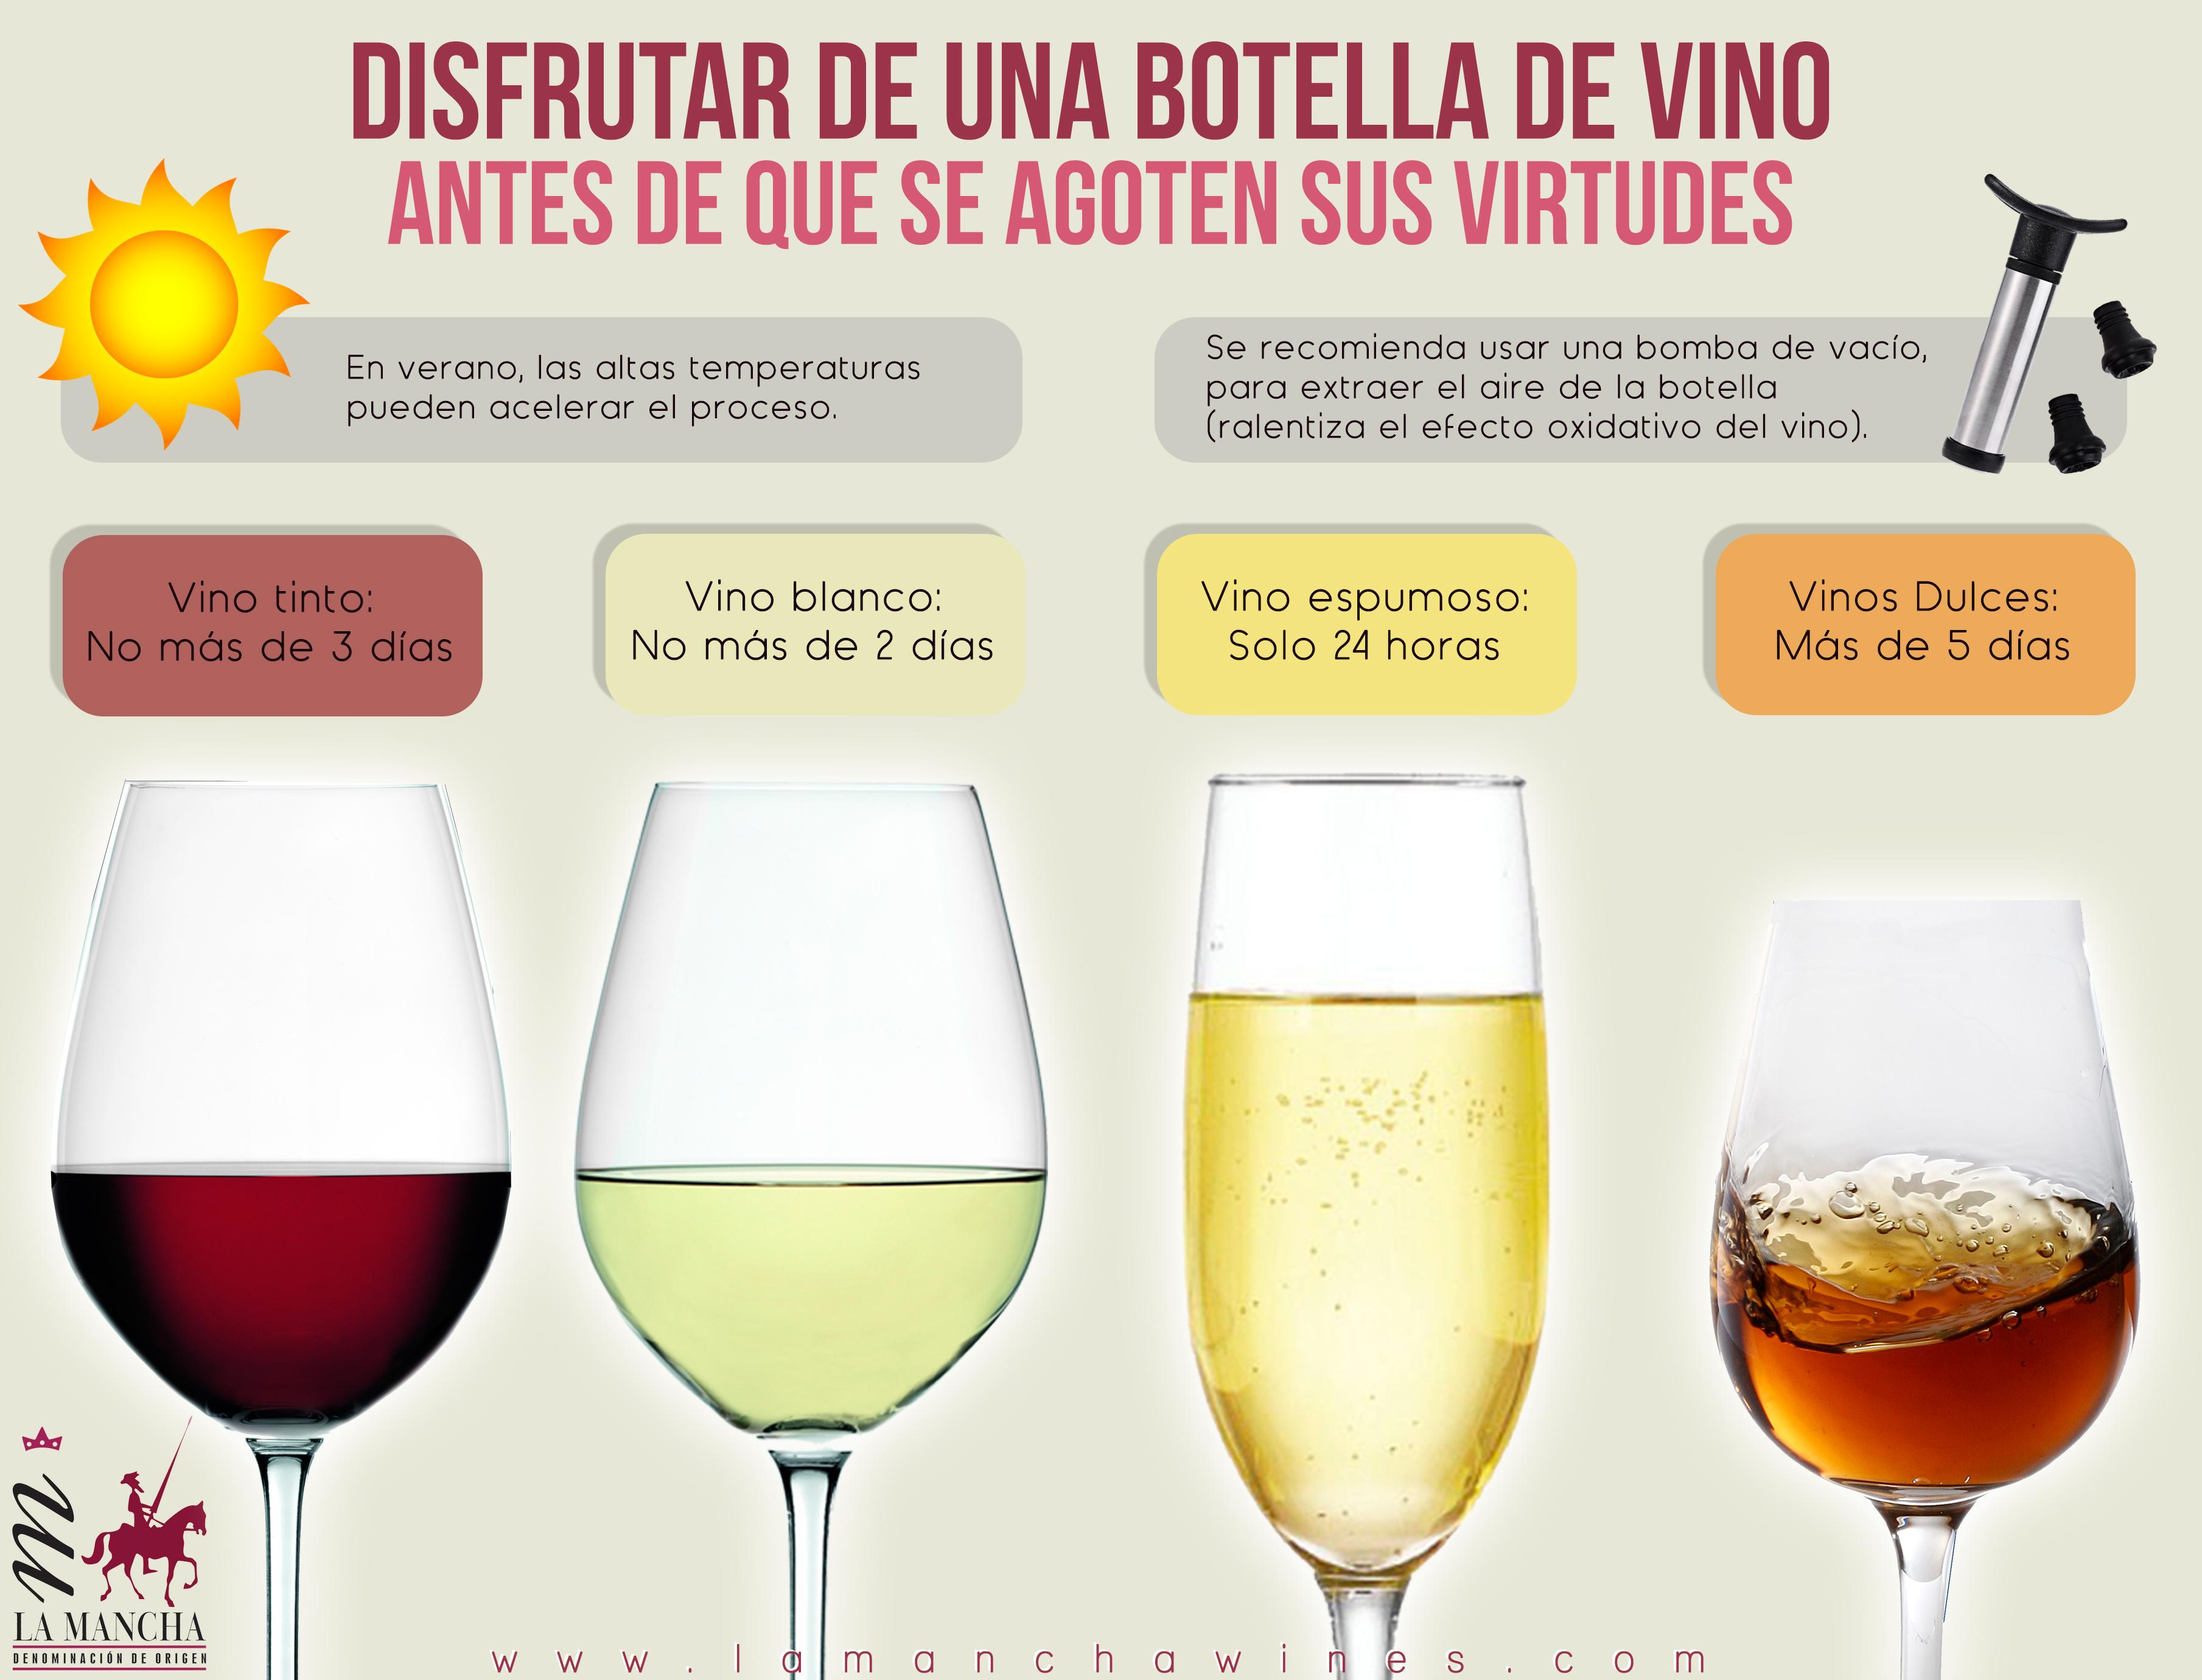 caducidad de un vino